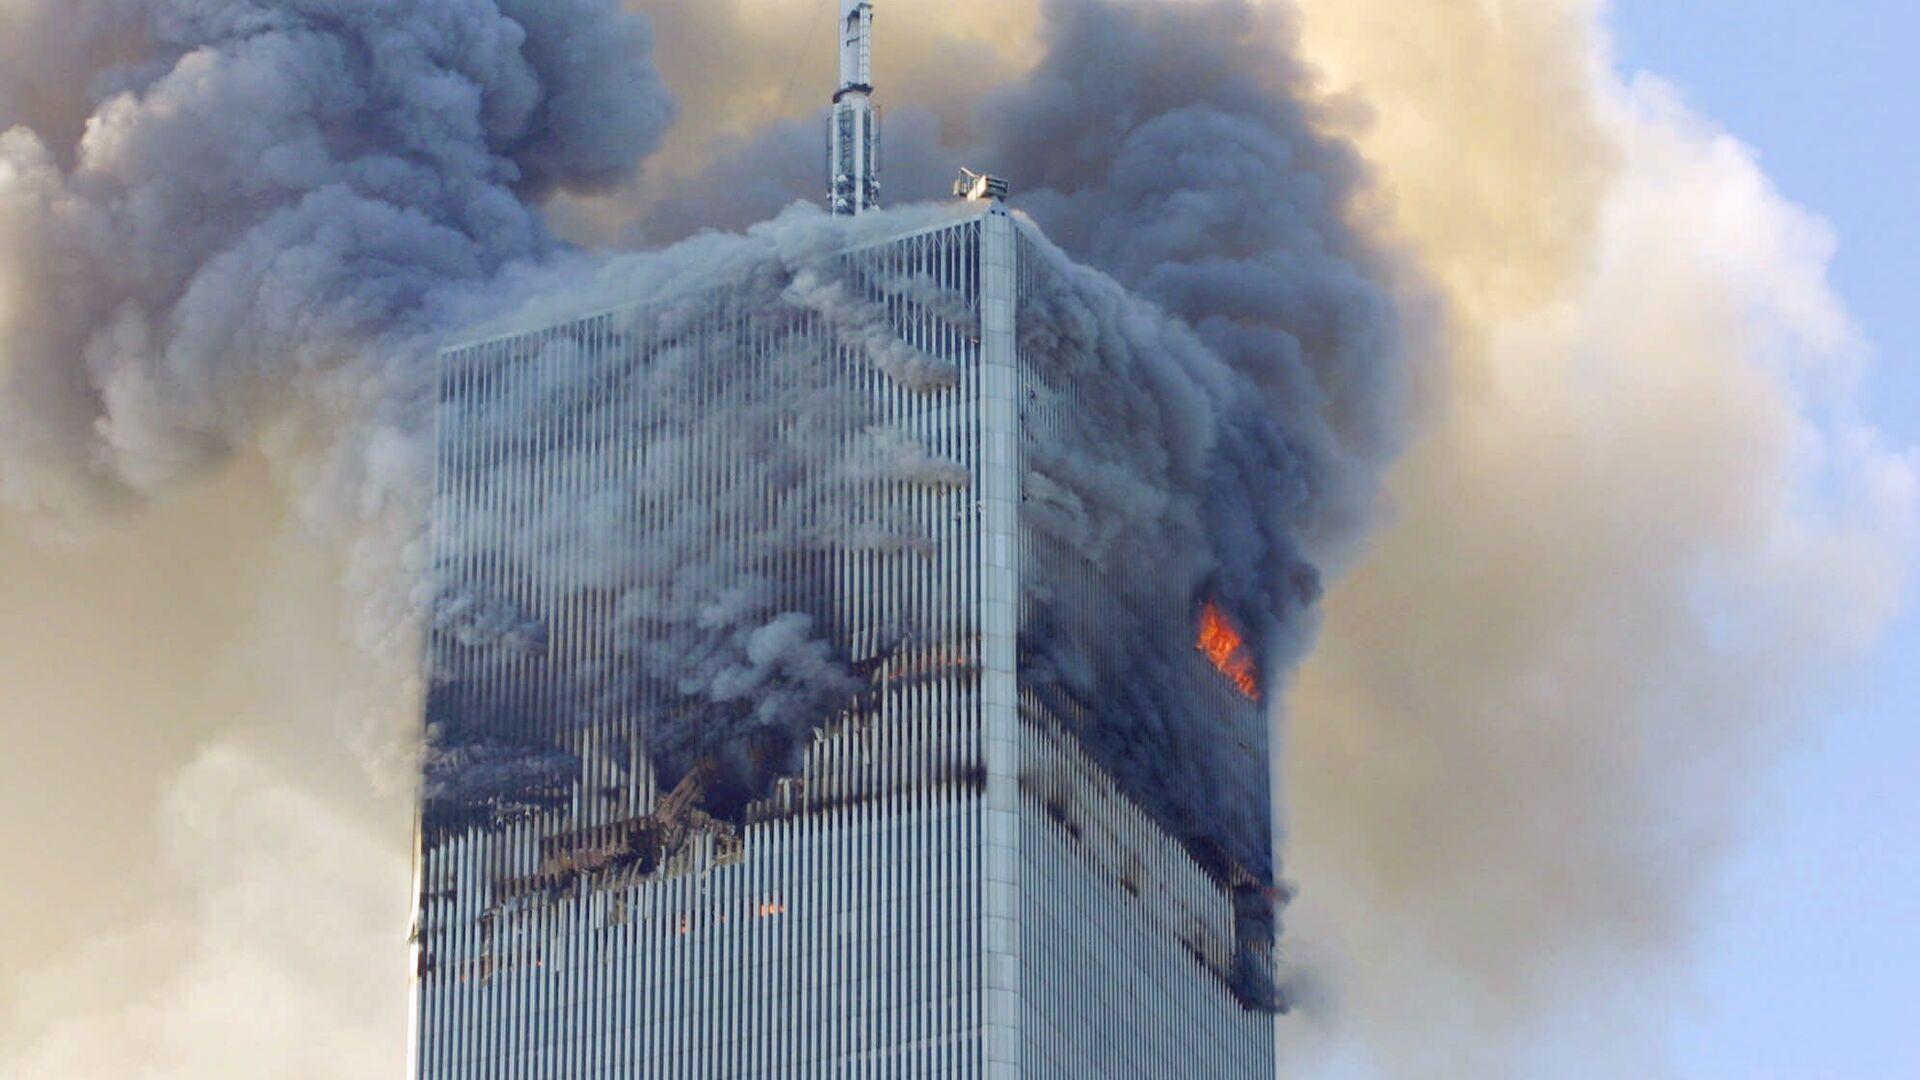 Attentato di Al Qaeda l'11 settembre 2001 al World Trade Center, New York - USA - Sputnik Italia, 1920, 26.08.2021